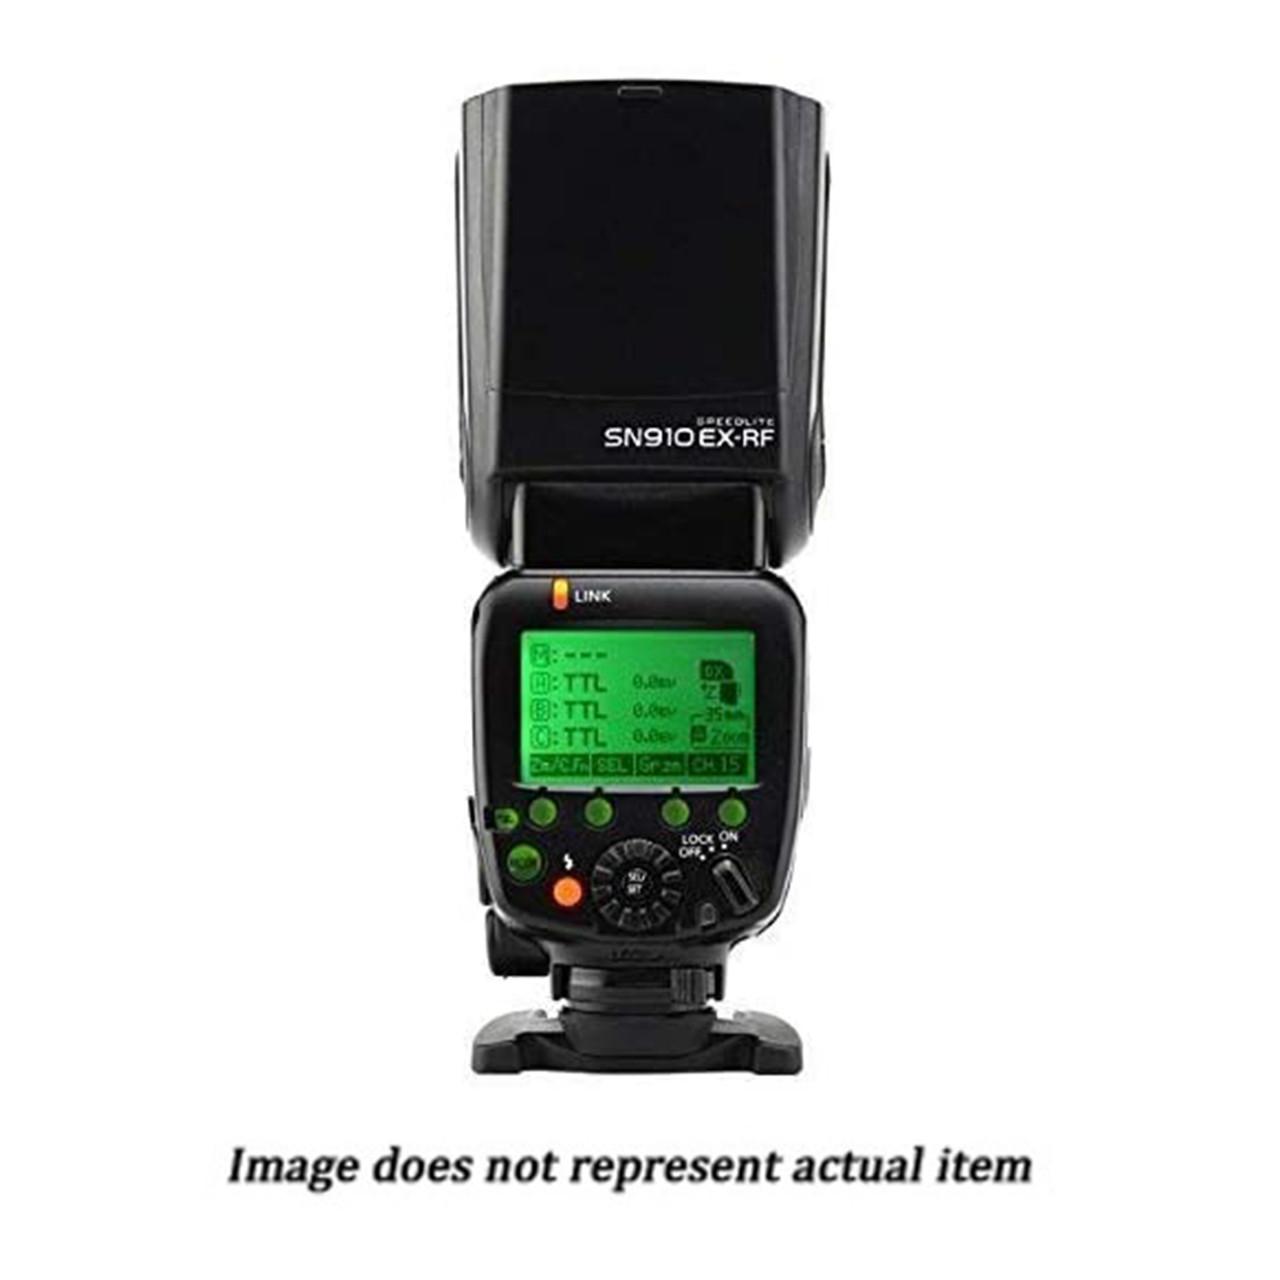 Shanny SN910EX-RF Flash for Nikon (USED) - S/N 128503267